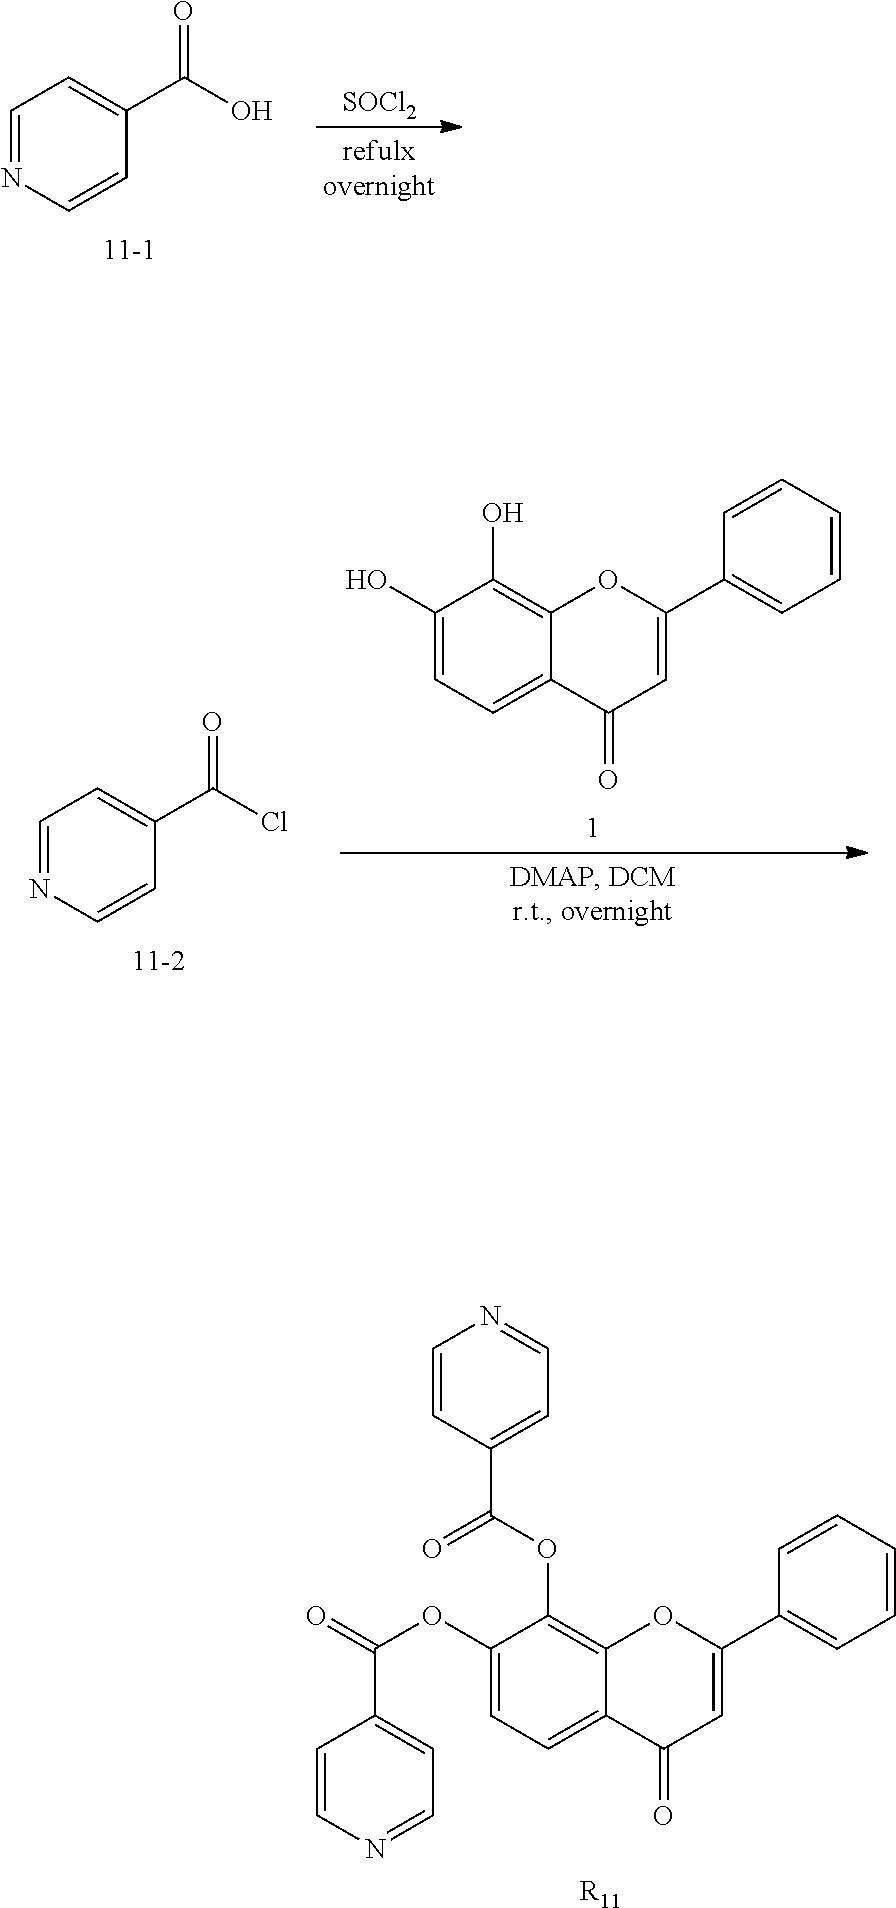 Figure US09975868-20180522-C00015